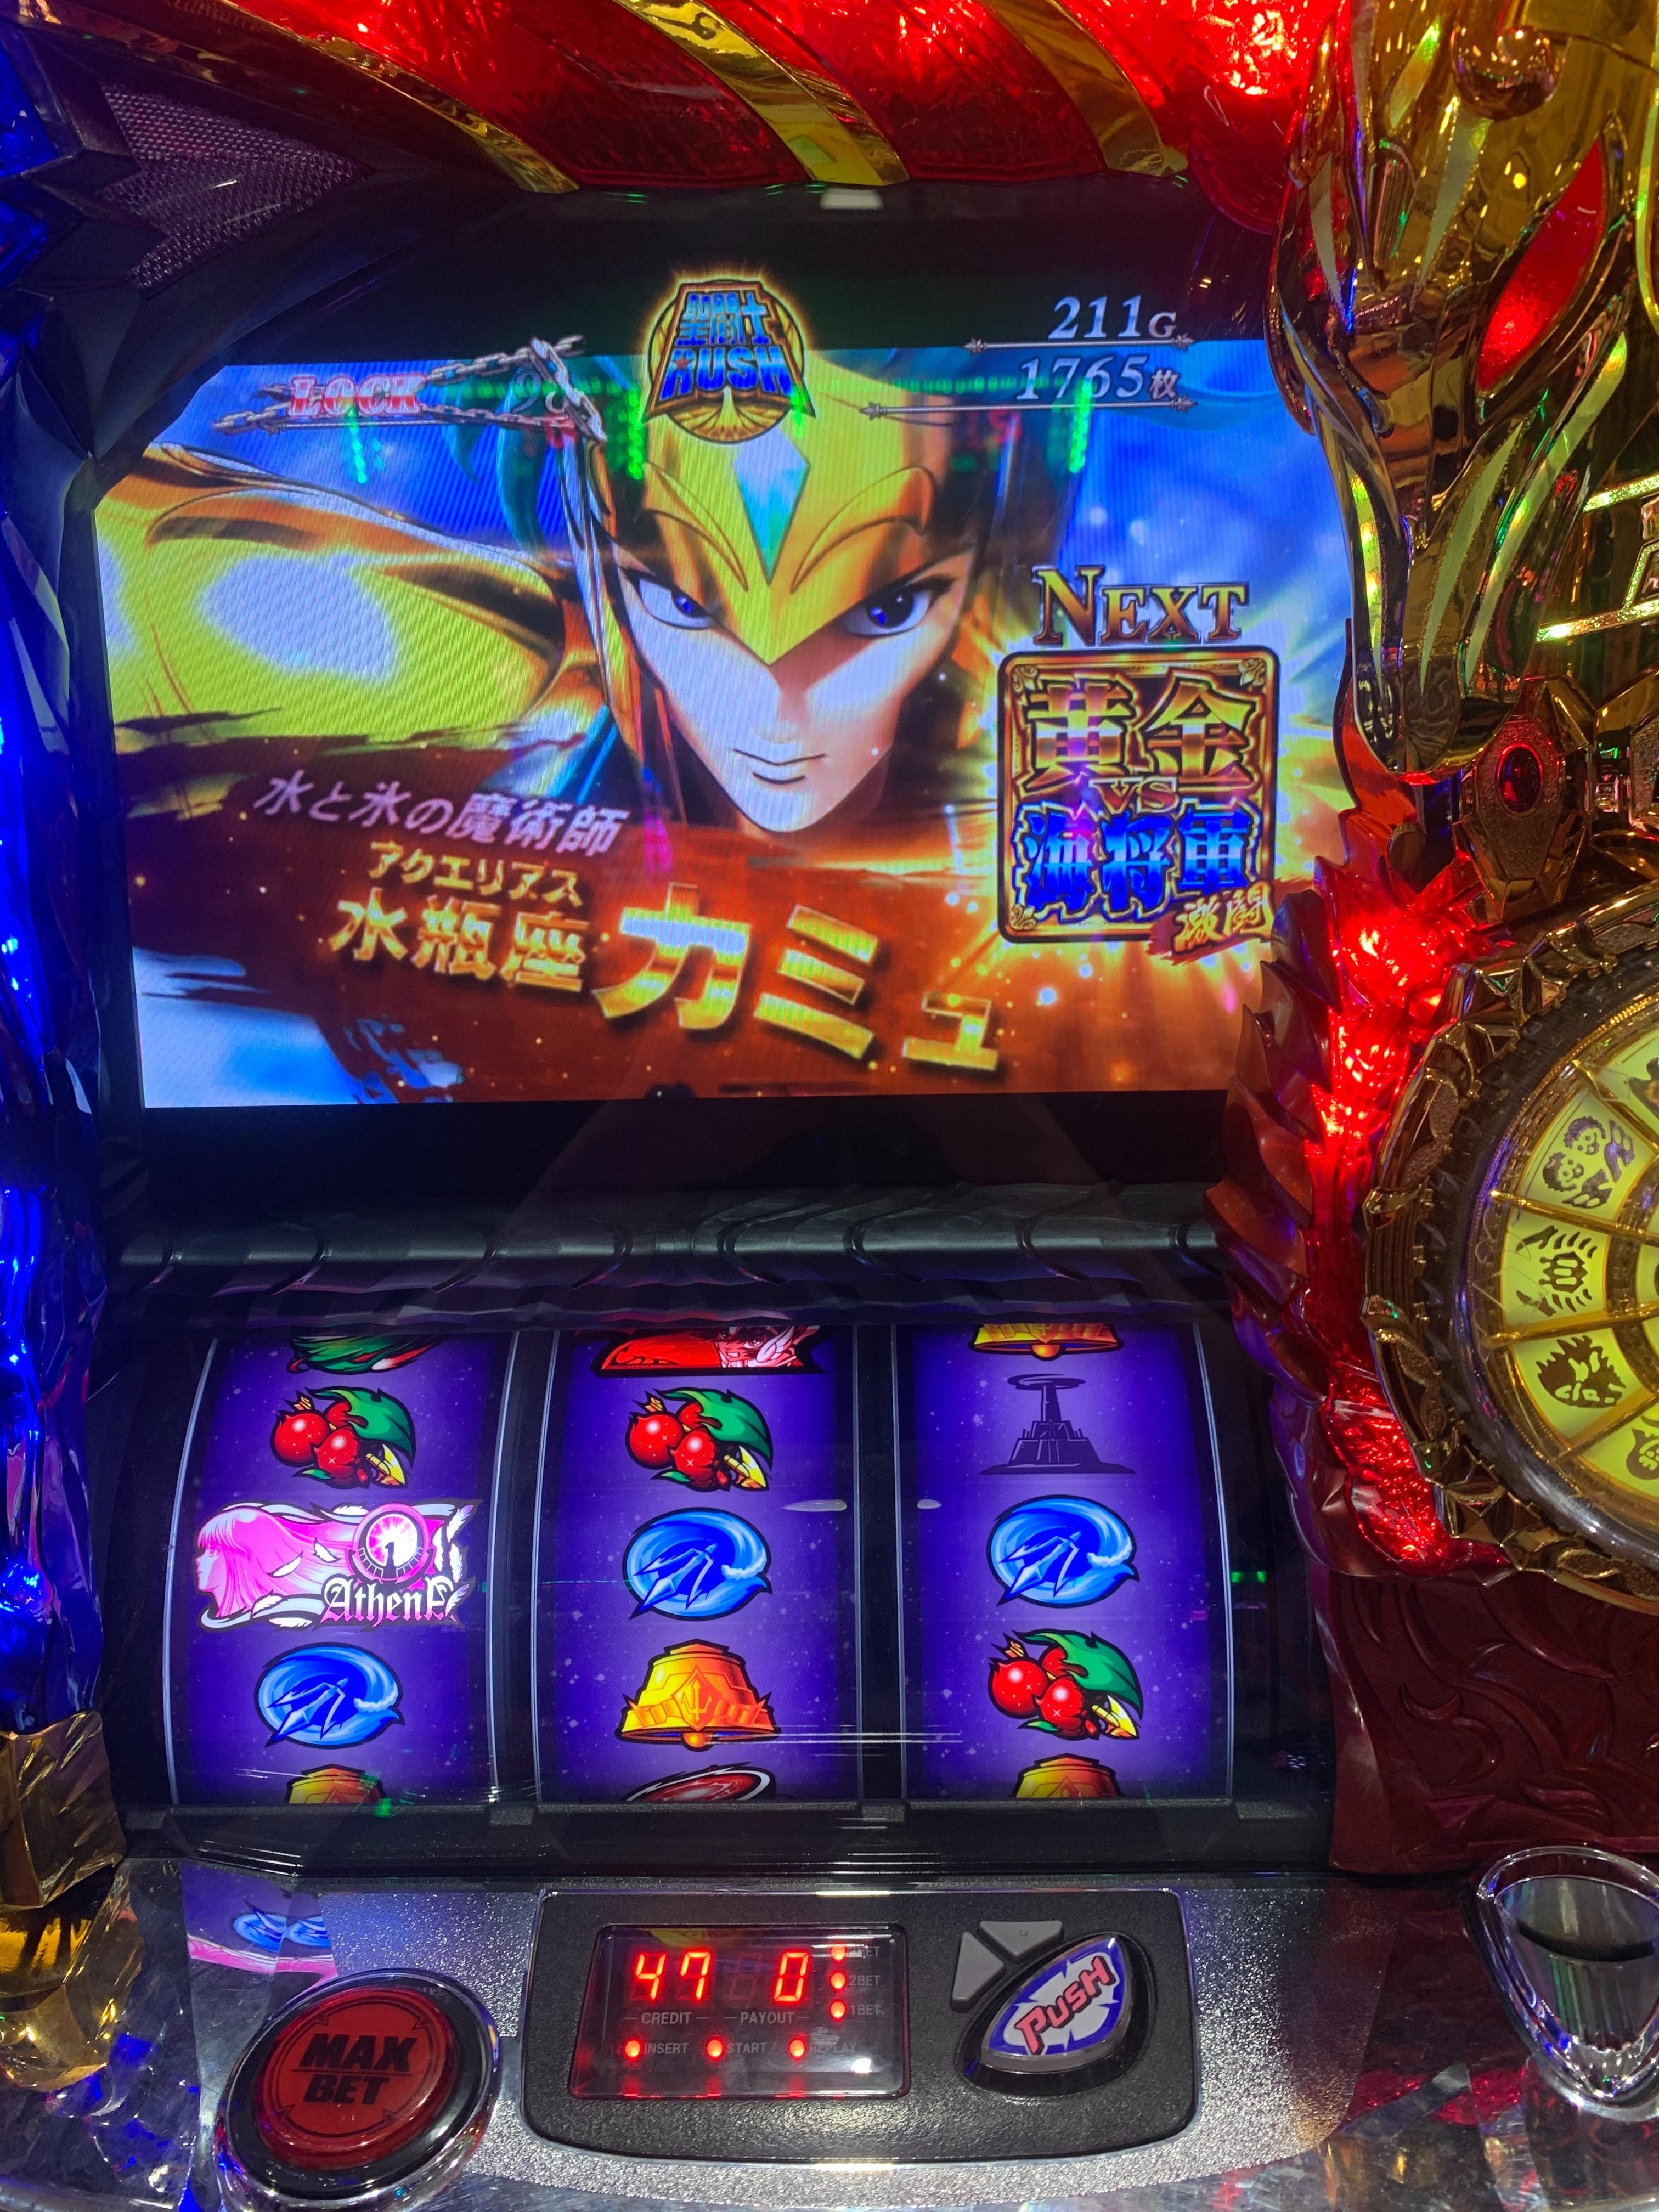 f:id:Chikubishin:20210215001926j:image